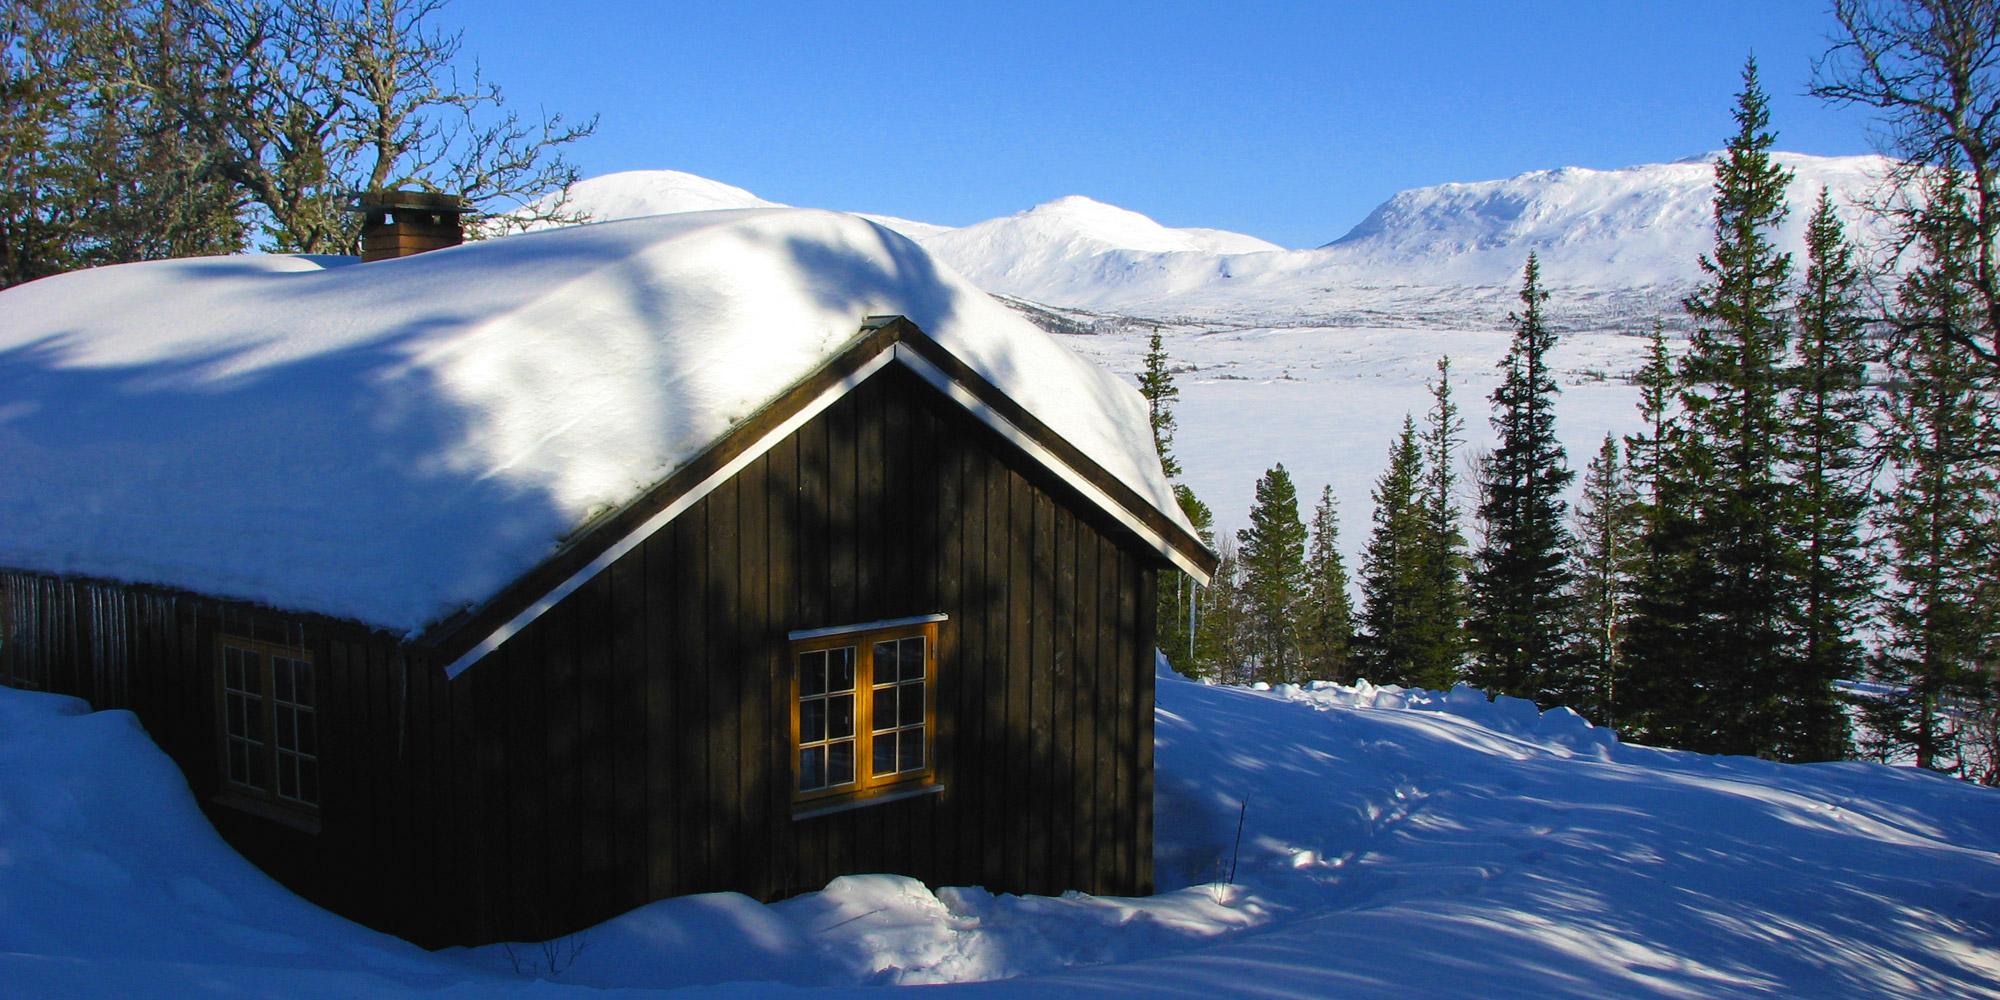 Skjækerhytta Cabin in winter. Copyright: Steinkjer Kommuneskoger - Ogndalsbruket KF